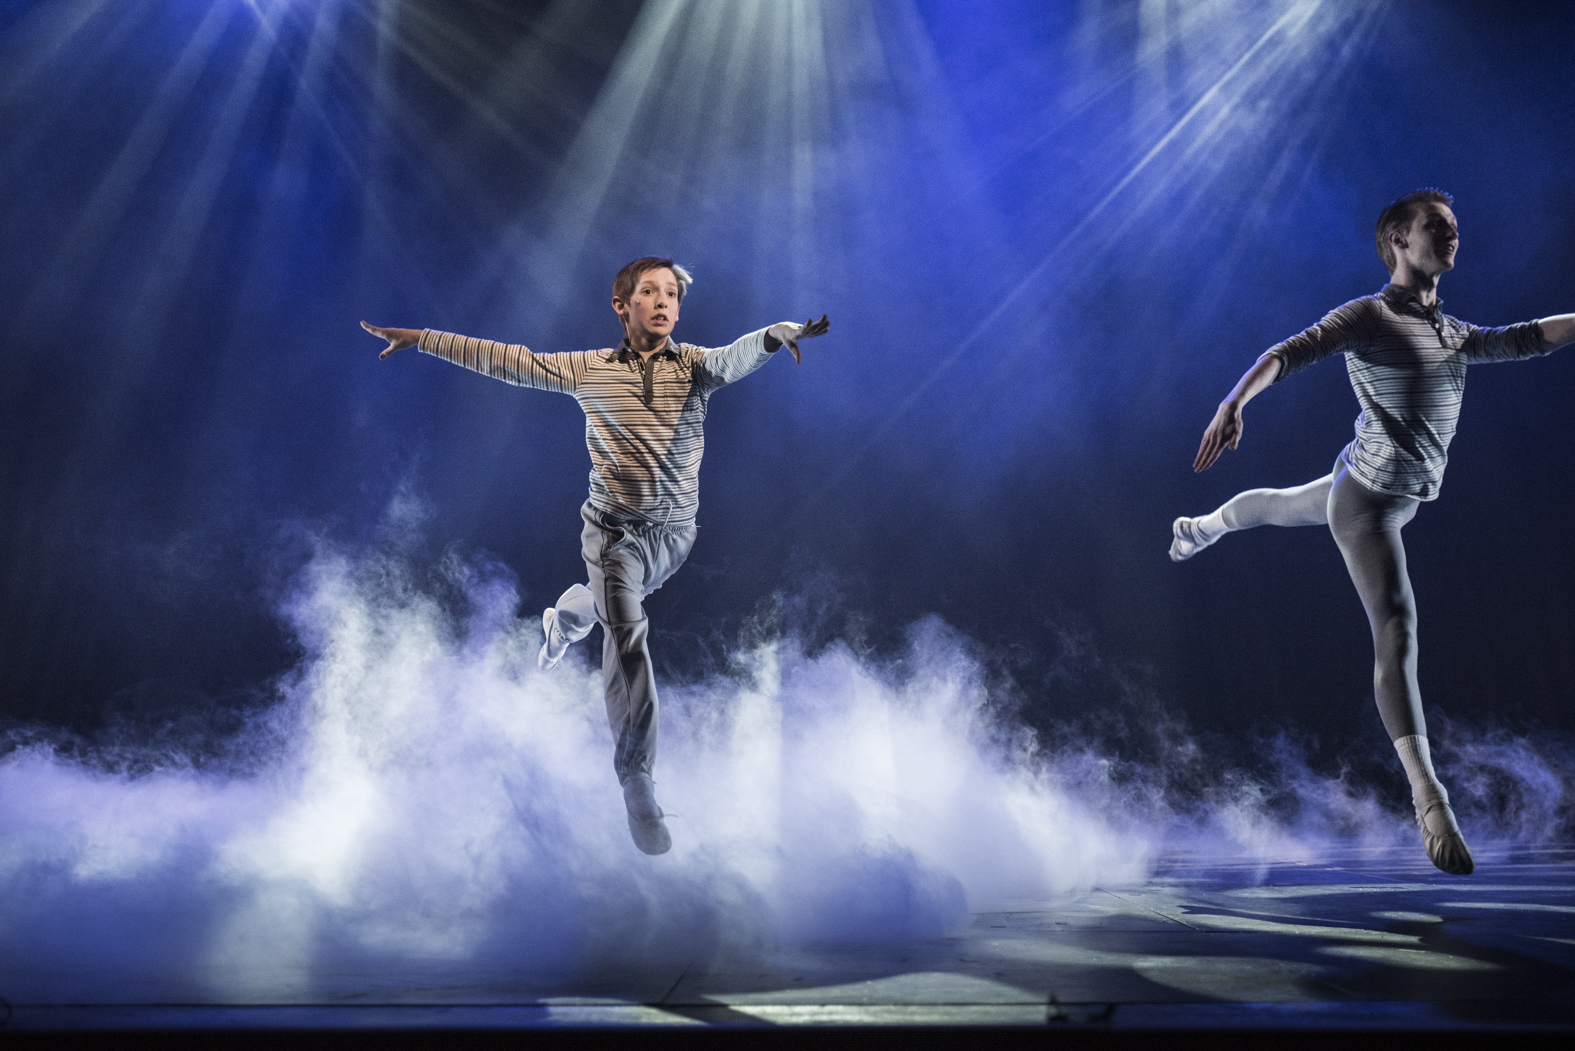 Solvi is Billy Elliot in Dream Ballet